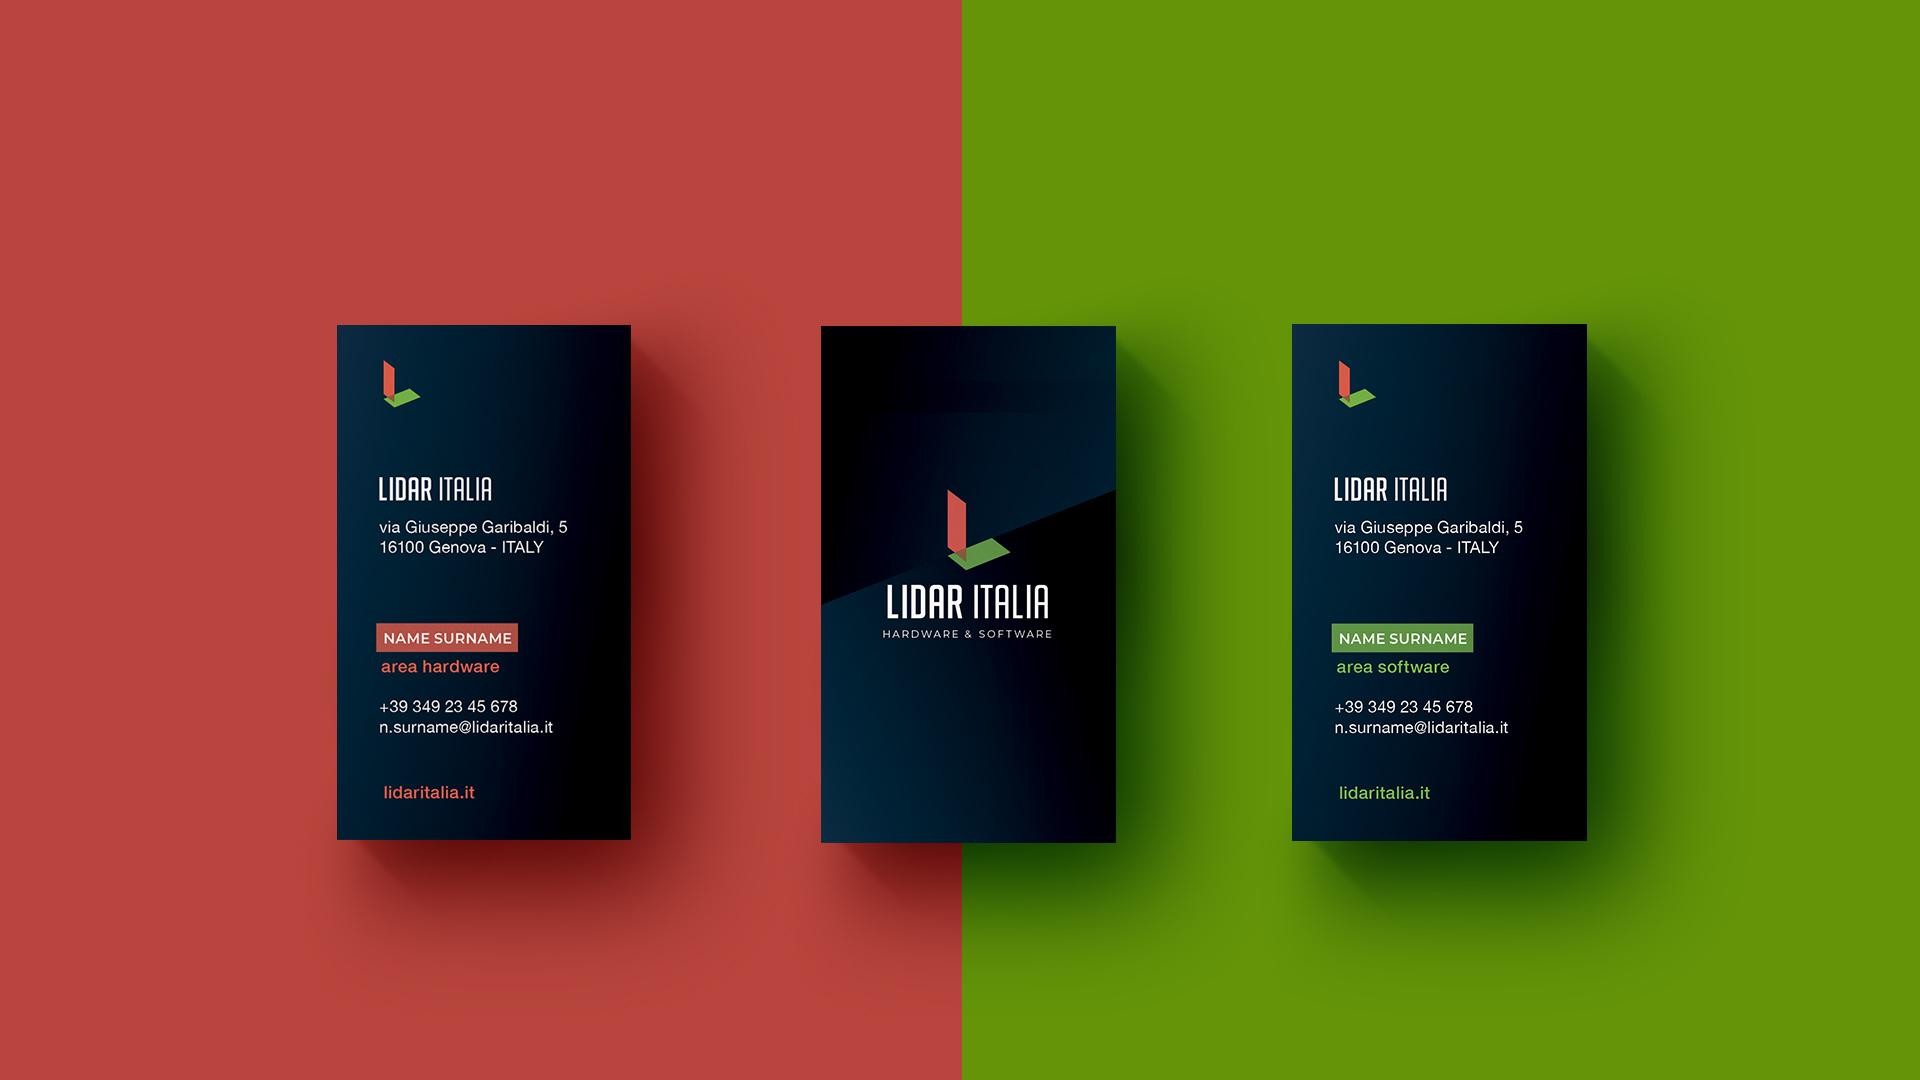 Lidar-italia-visit-card